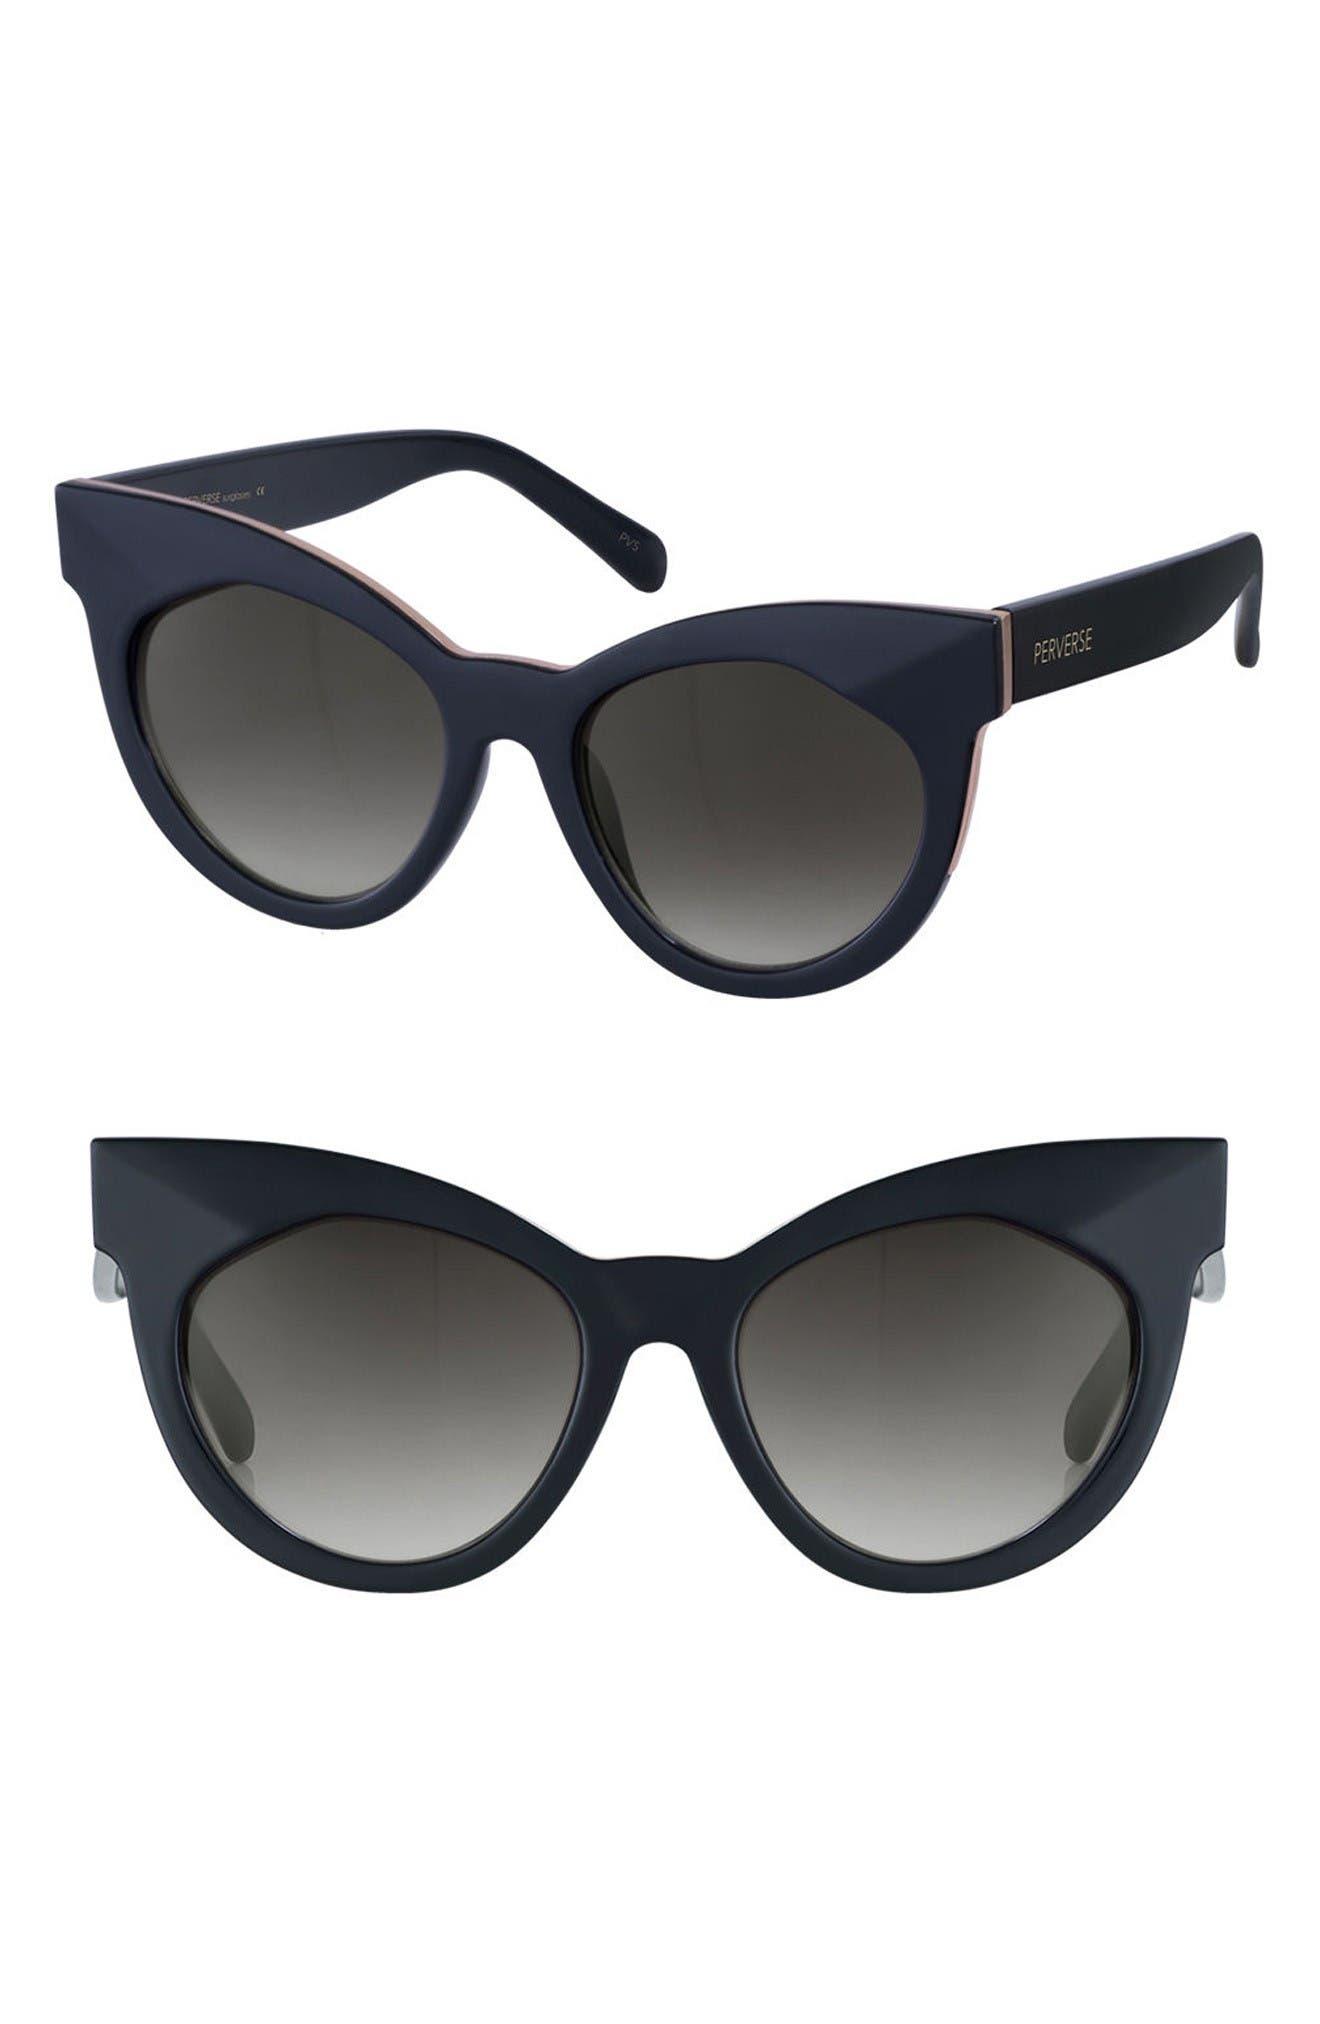 Alternate Image 1 Selected - PERVERSE Cosmopolitan 55mm Cat Eye Sunglasses